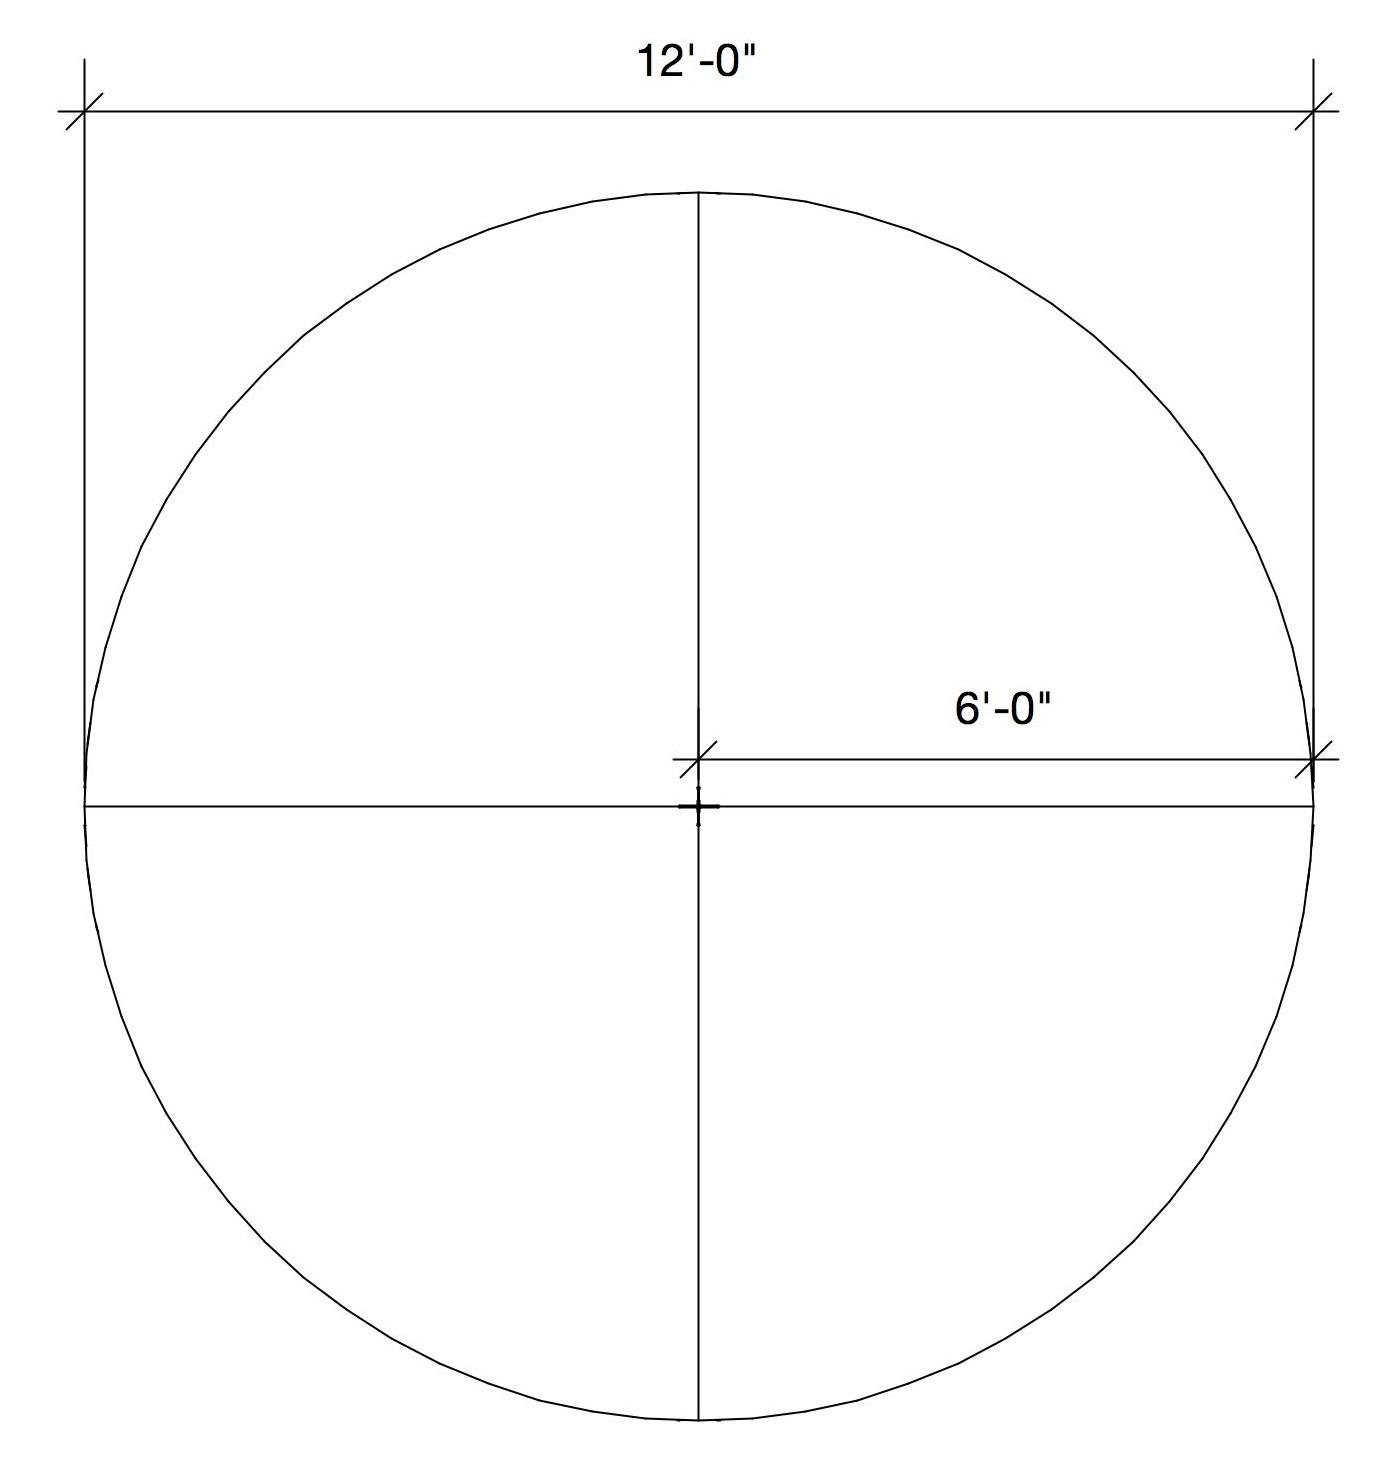 6'x6' Quadrant